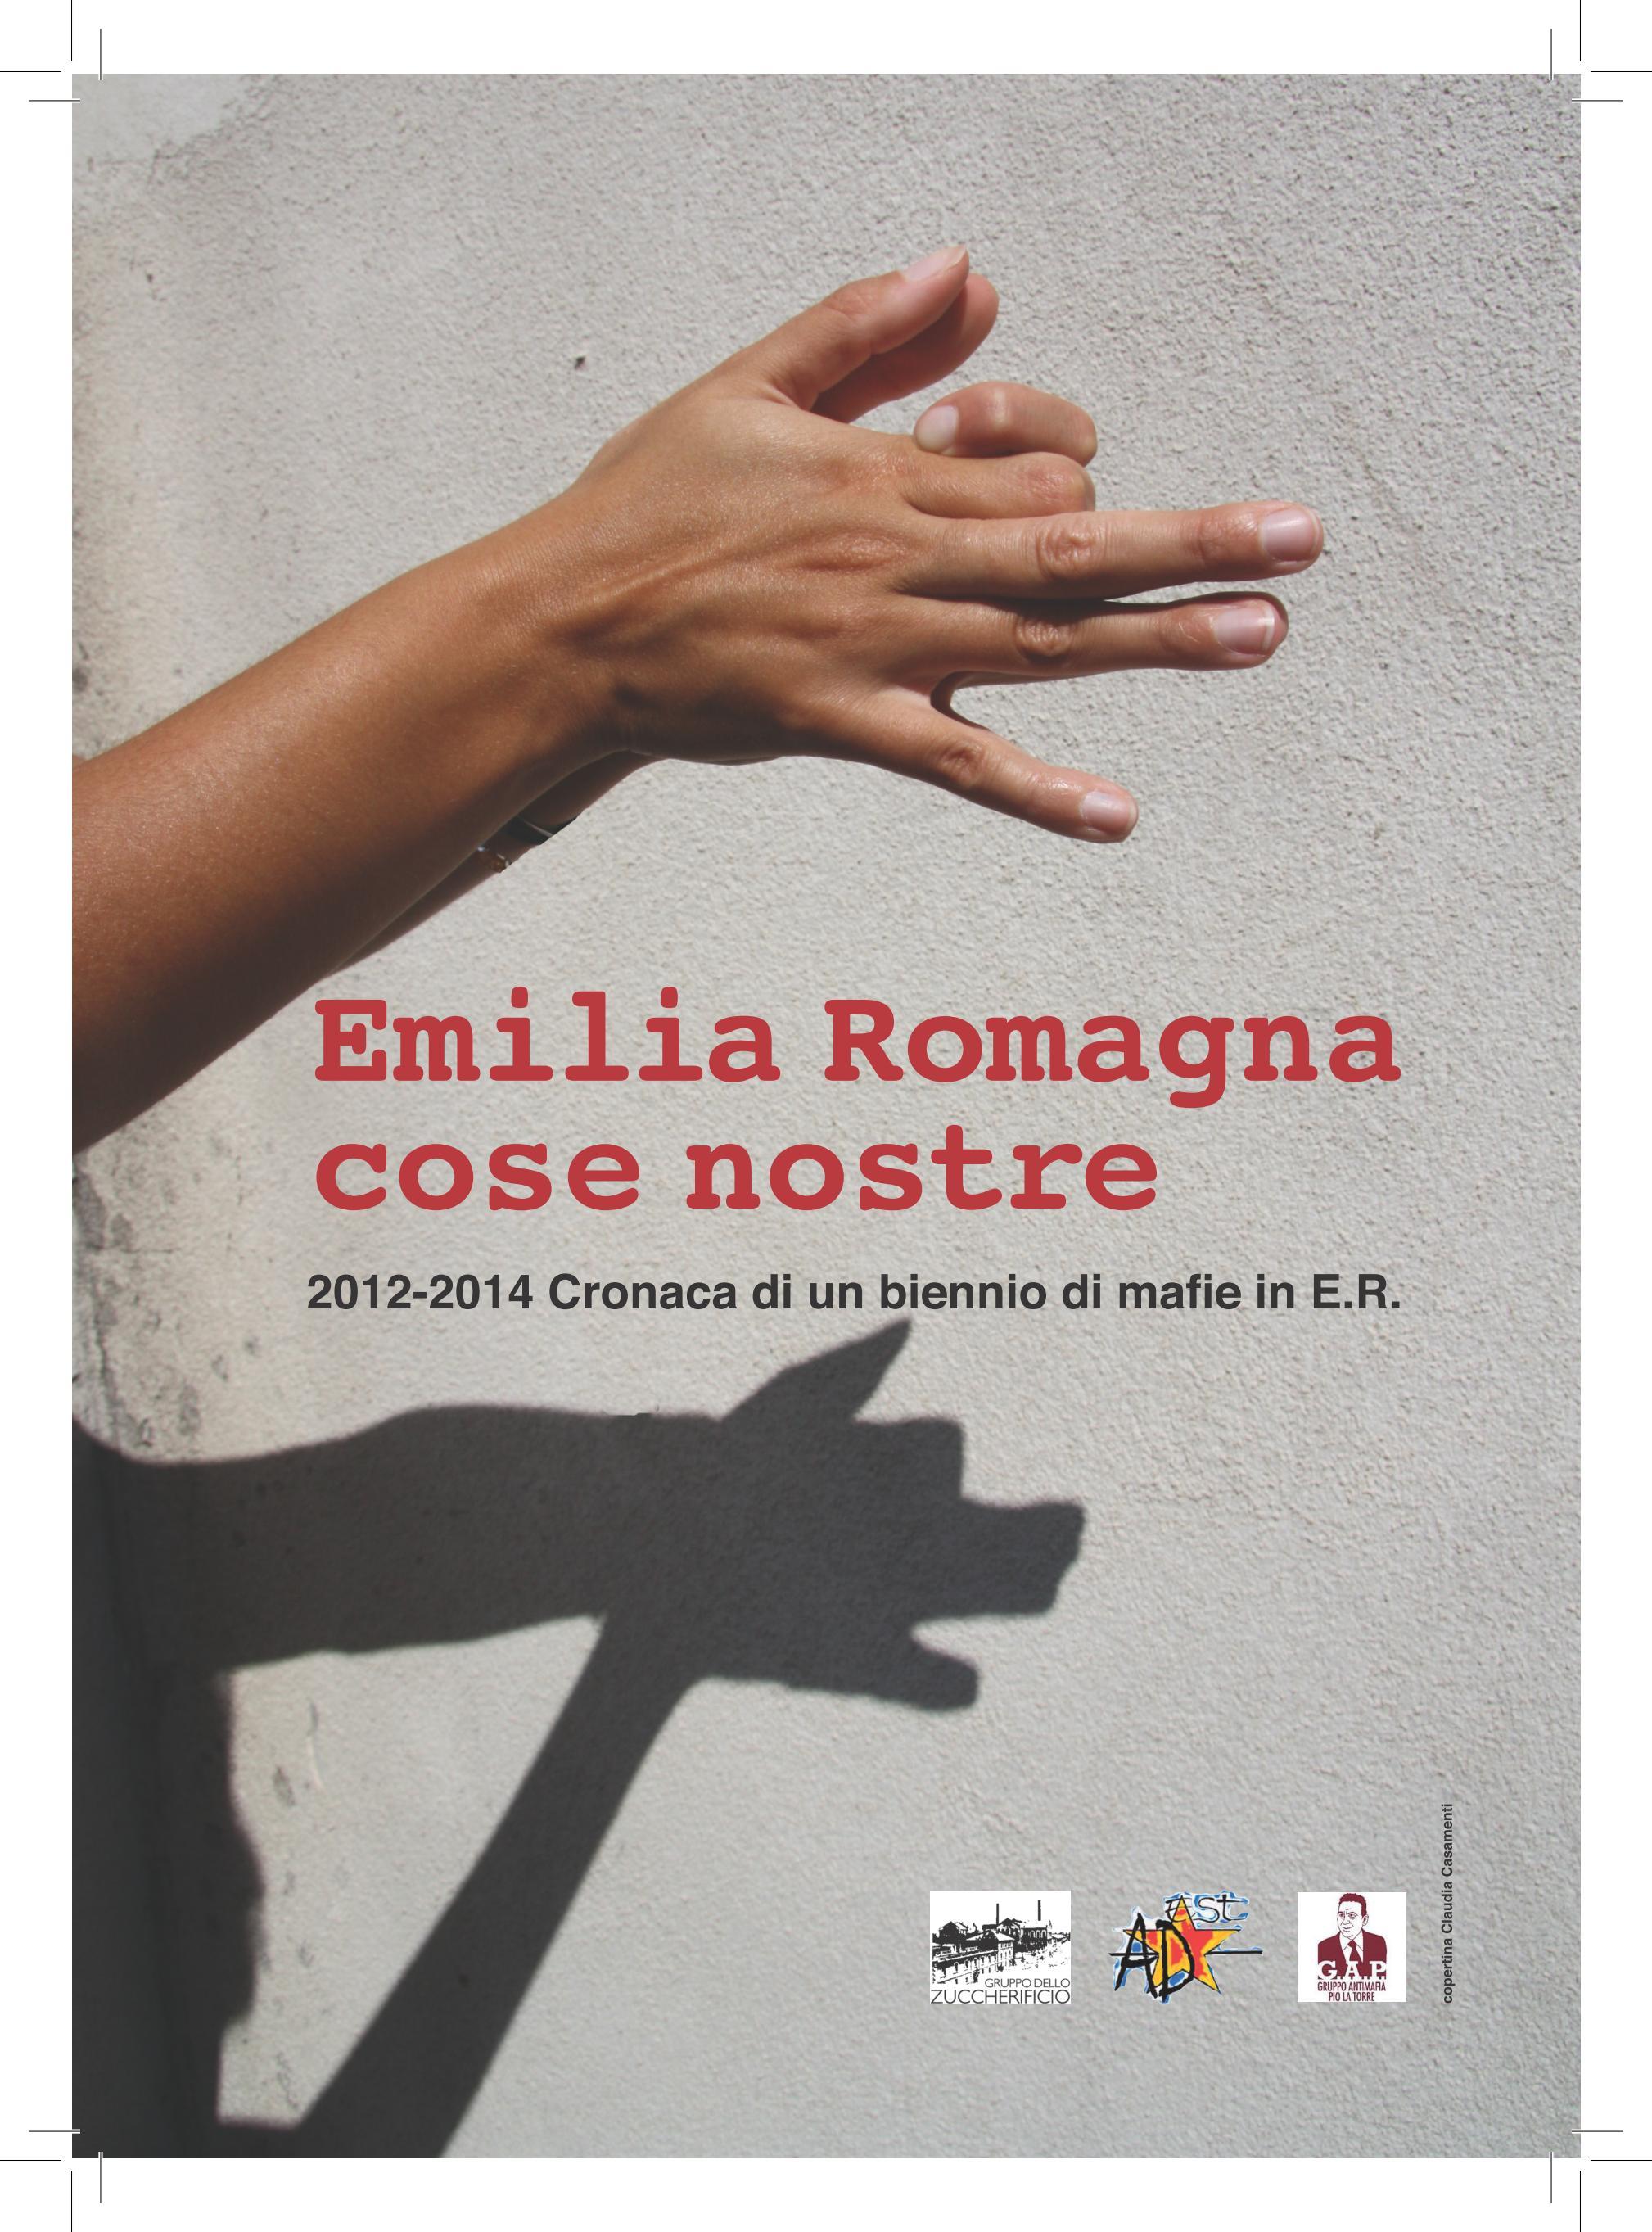 Emilia-Romagna. Cose nostre (2012-2014: cronaca di un biennio di mafie in E.R.)